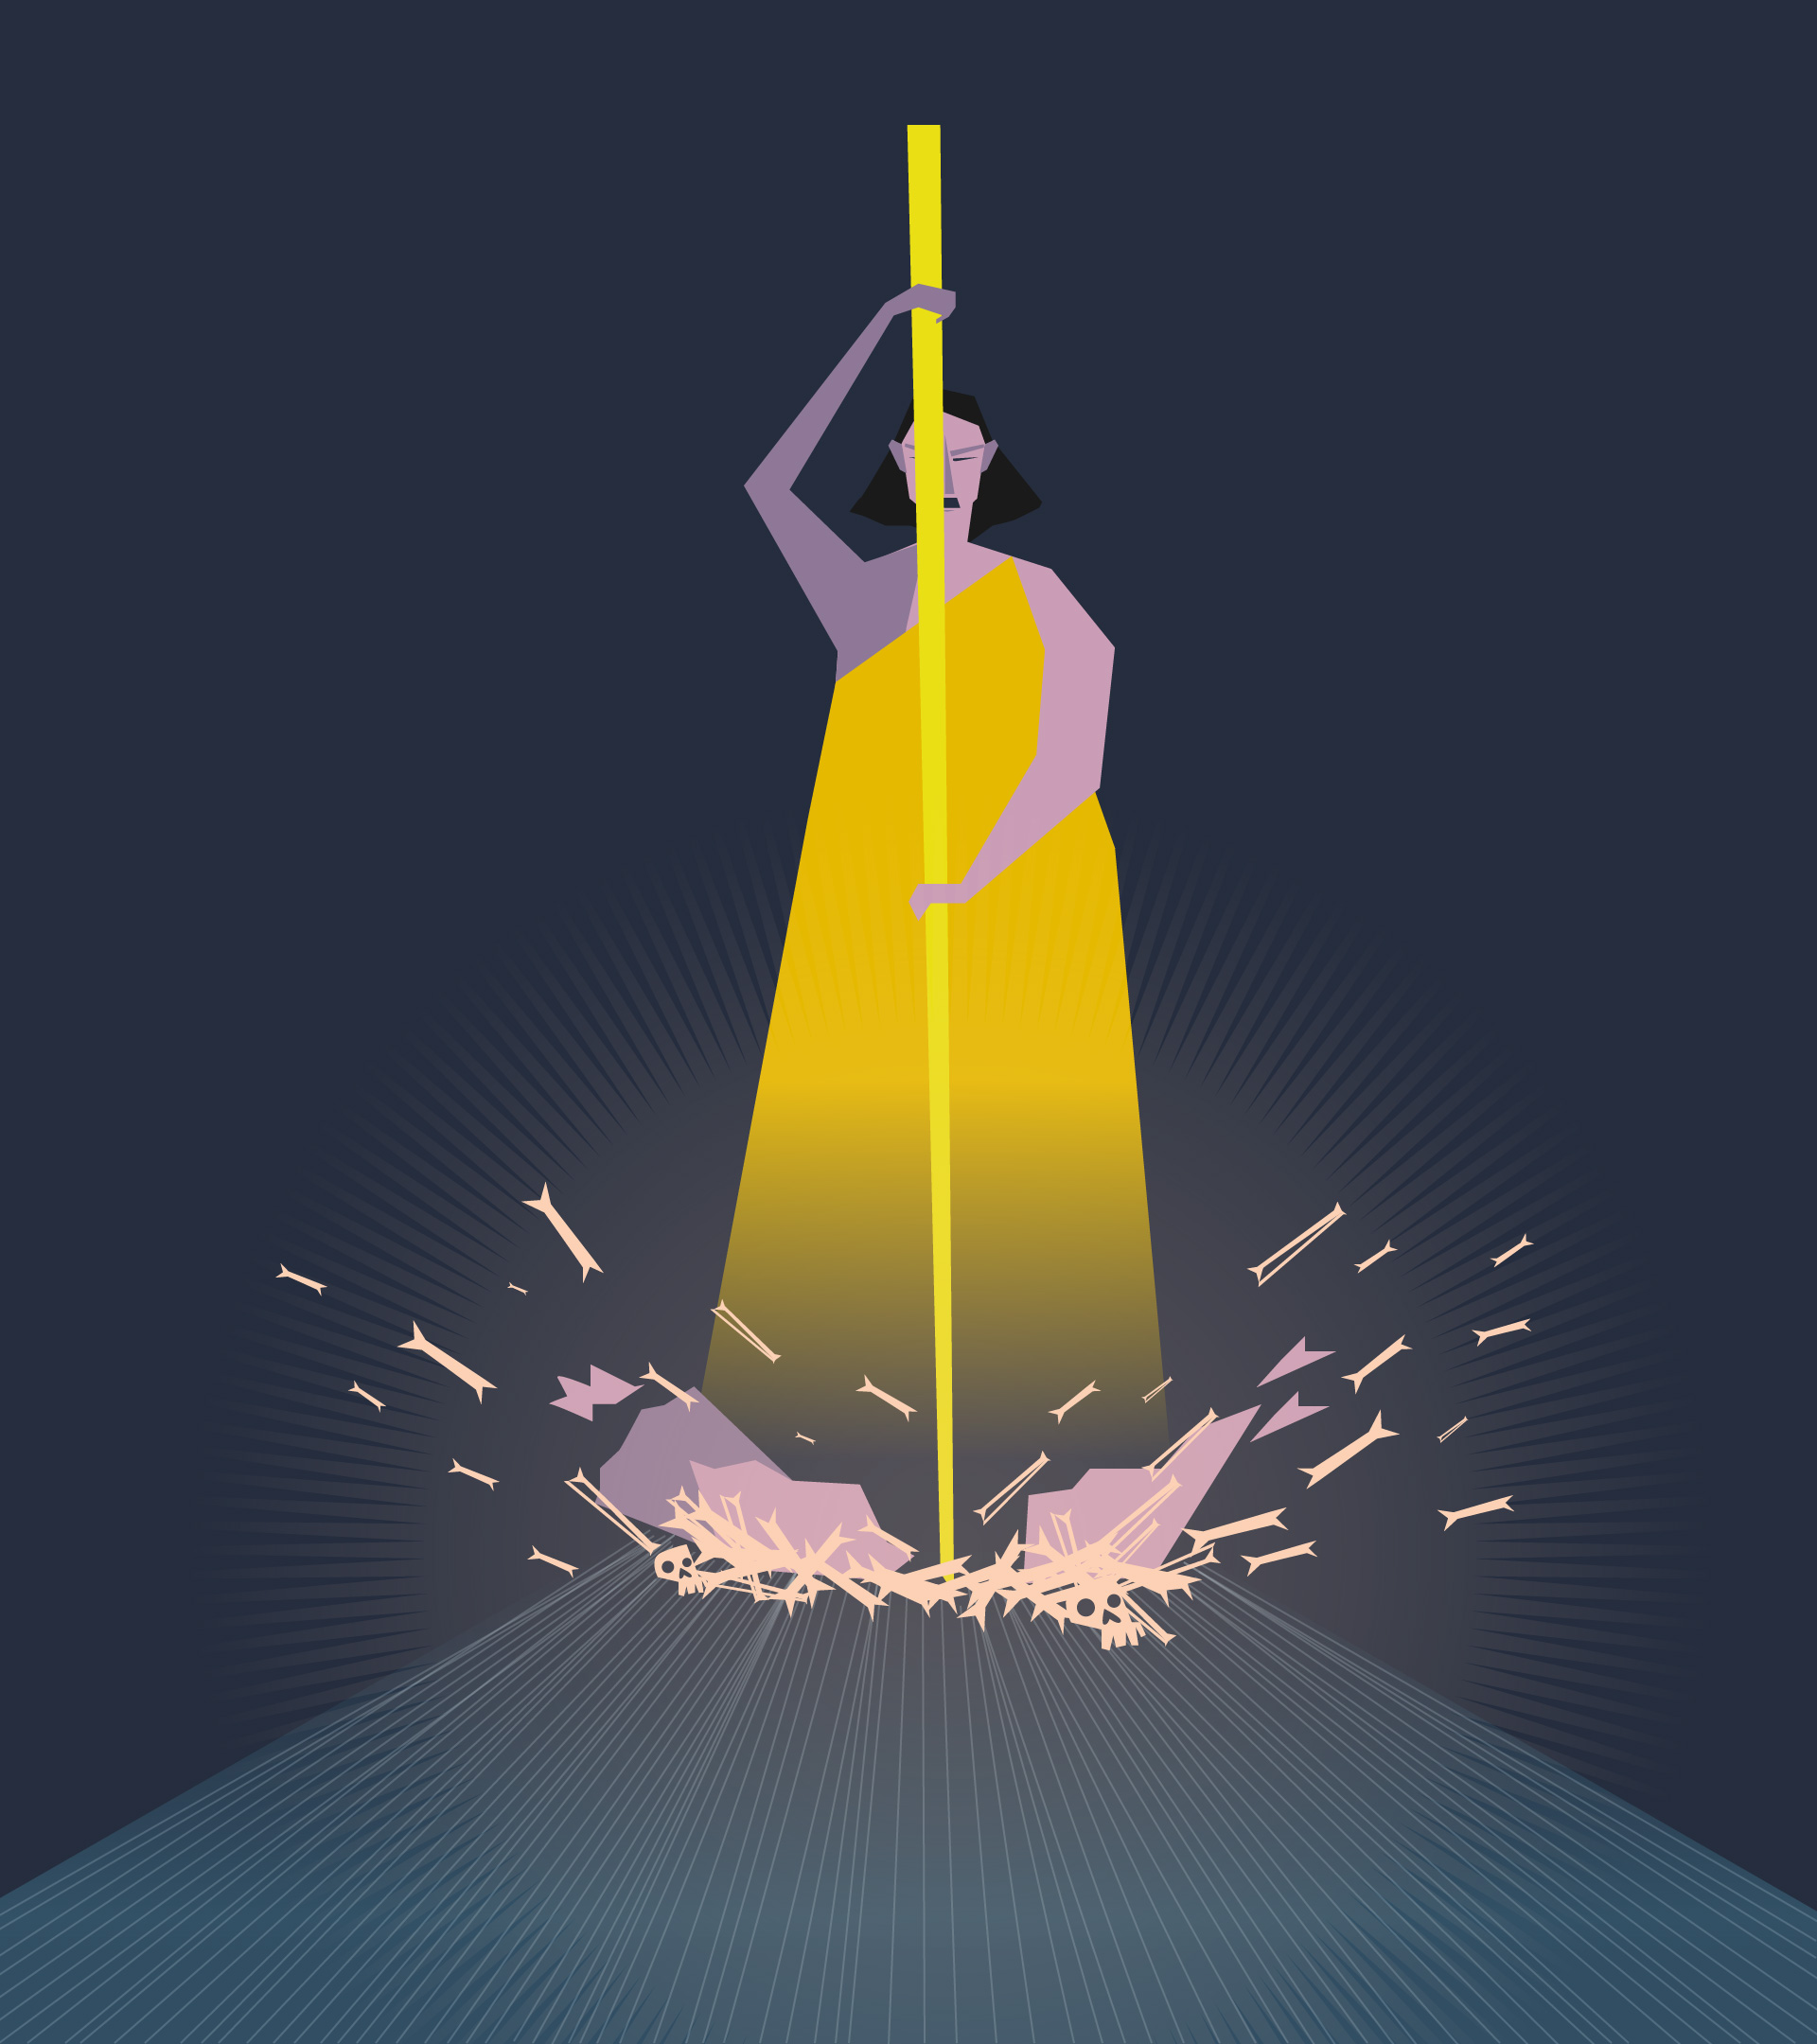 Personaje usa una vara y la imprime contra la tierra, produce un estruendo y hace desaparecer los huesos.